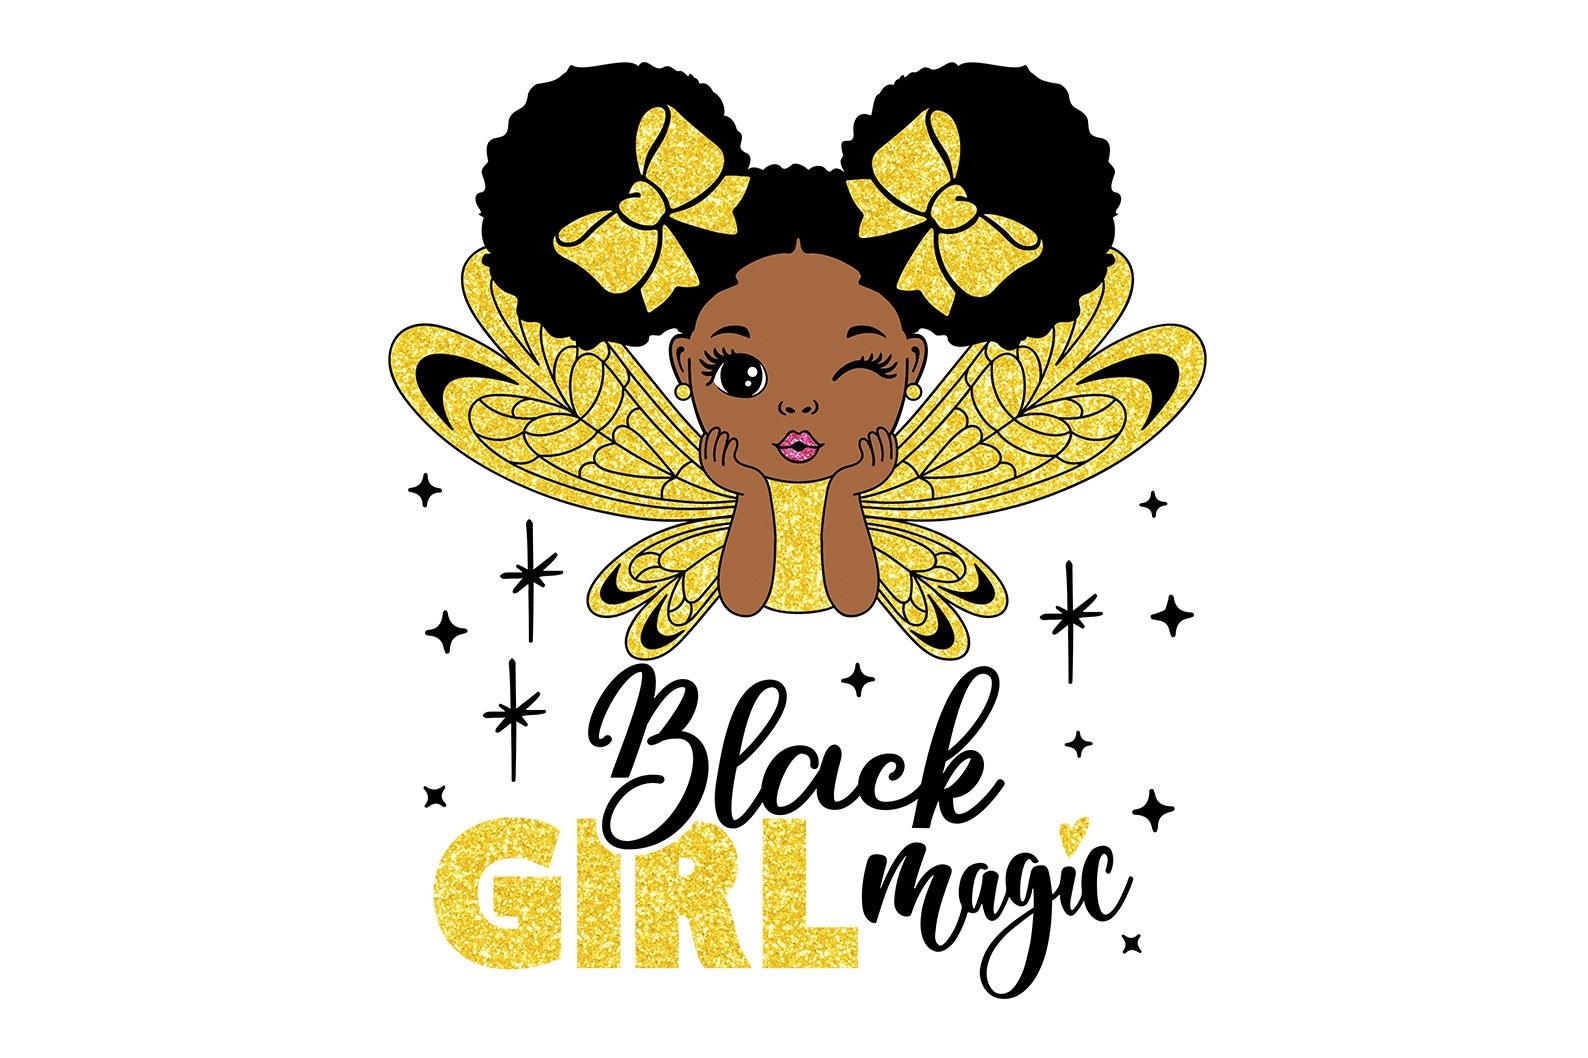 Schwarzes Magie Mädchen